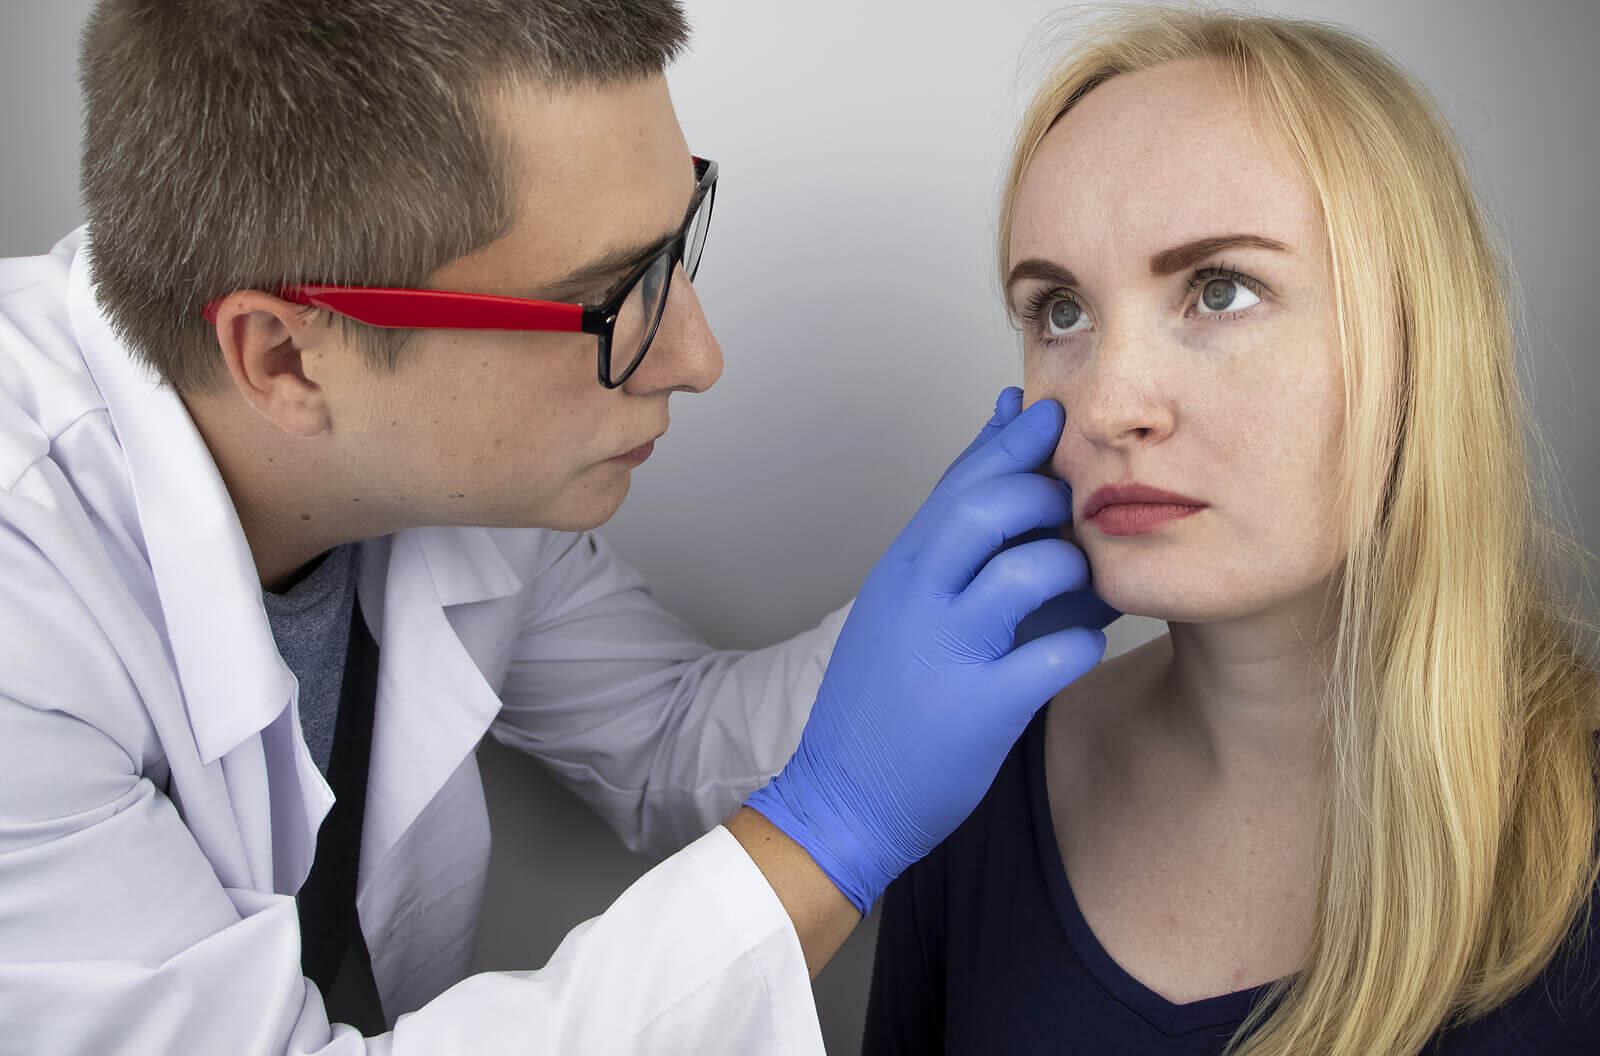 Choroba może doprowadzić do utraty wzroku. Dlatego warto jej zapobiegać.